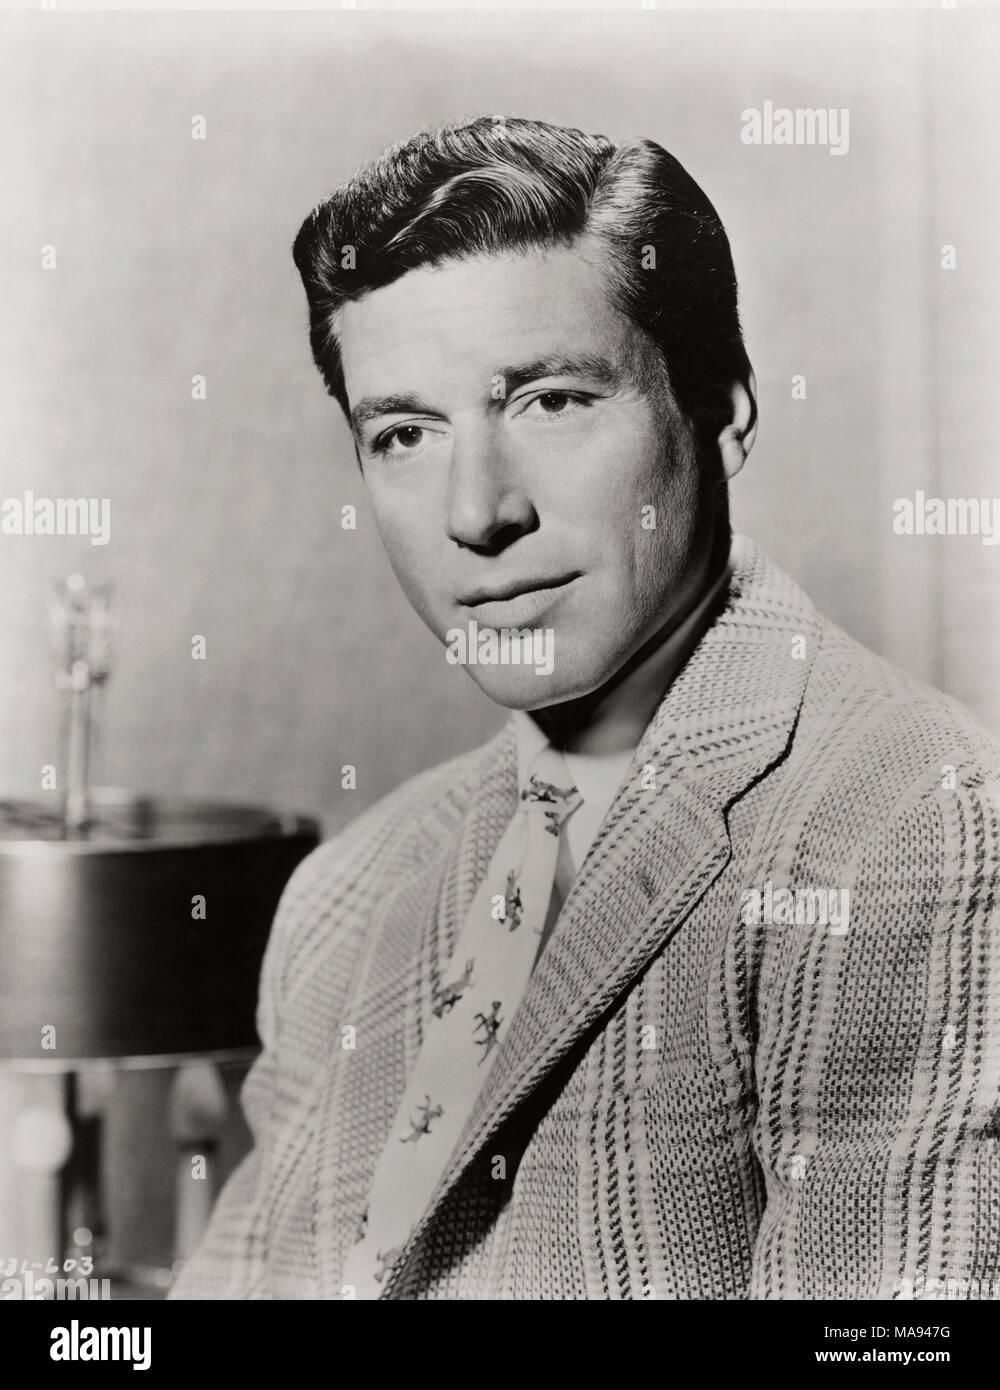 Schauspieler Efrem Zimbalist, jr., Werbung, Portrait, 1950er Jahre Stockbild